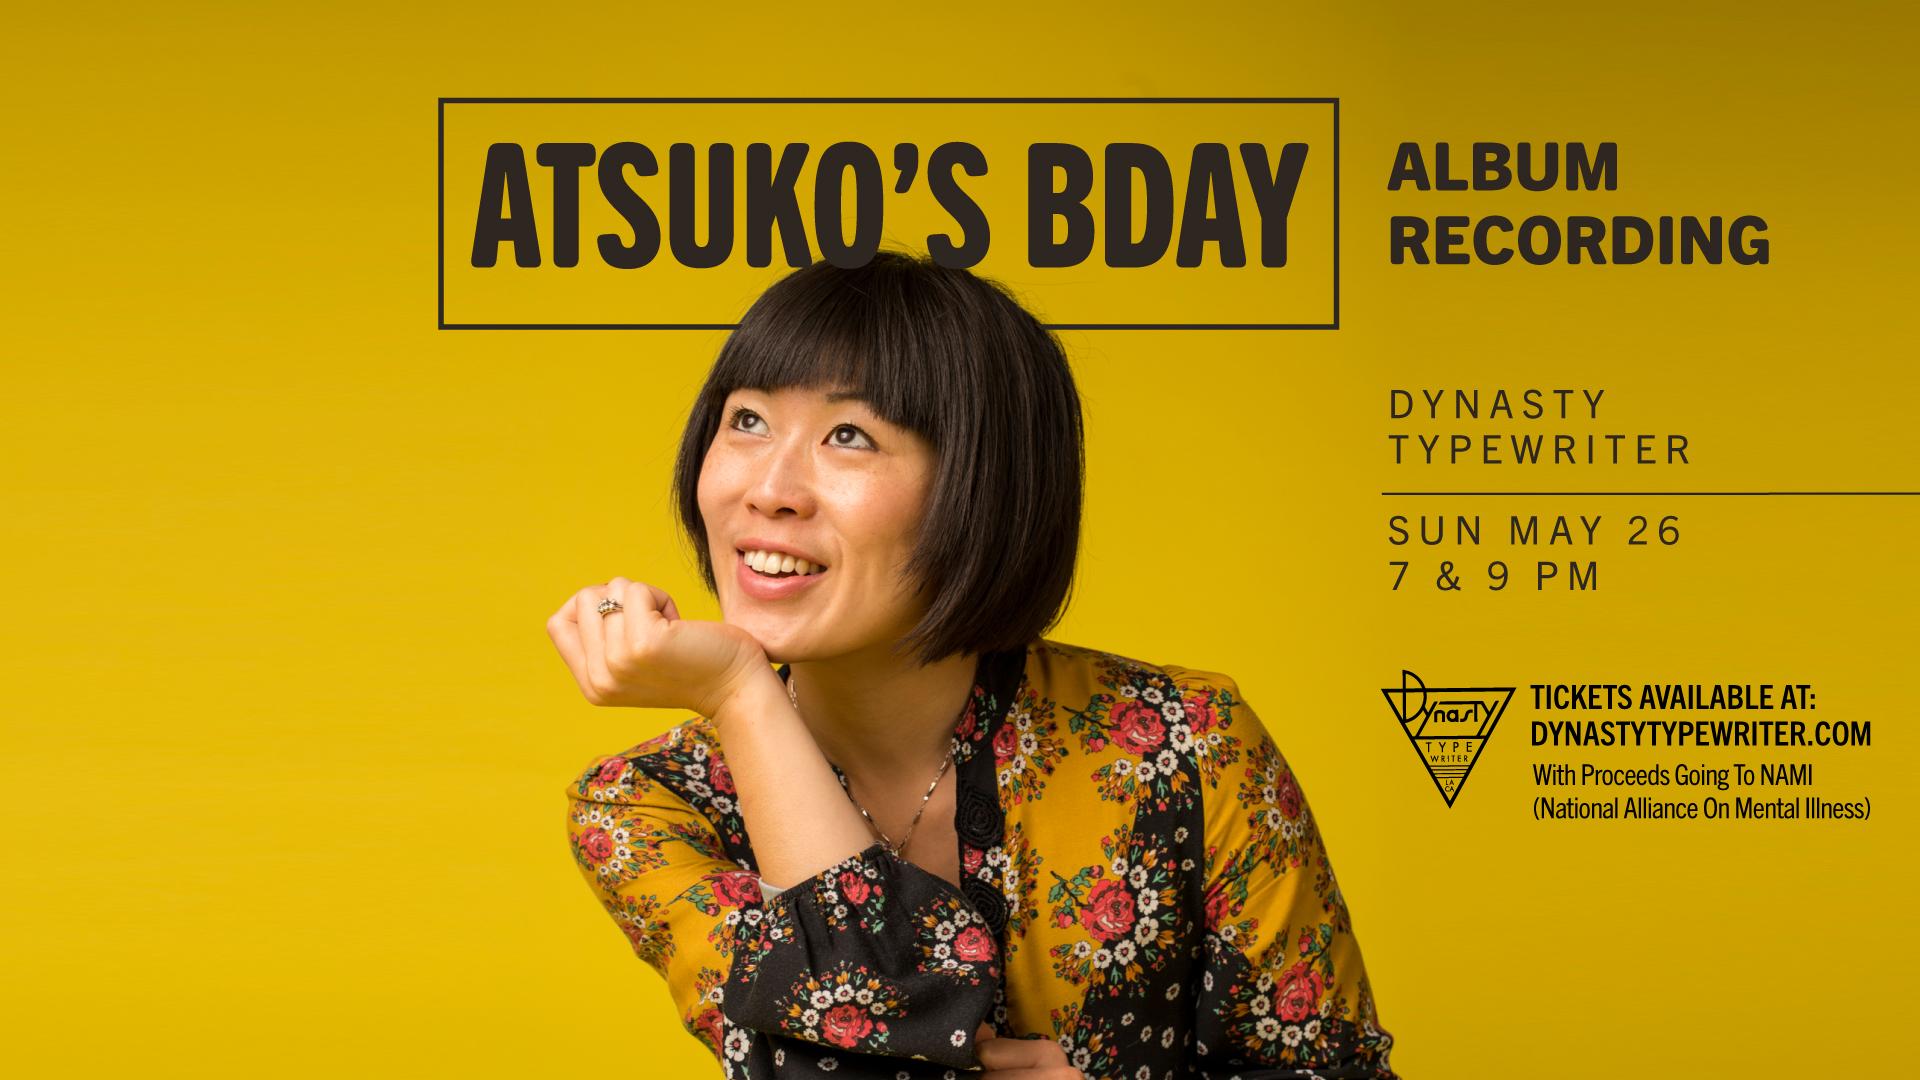 Atsuko Okatsuka at Dynasty Typewriter